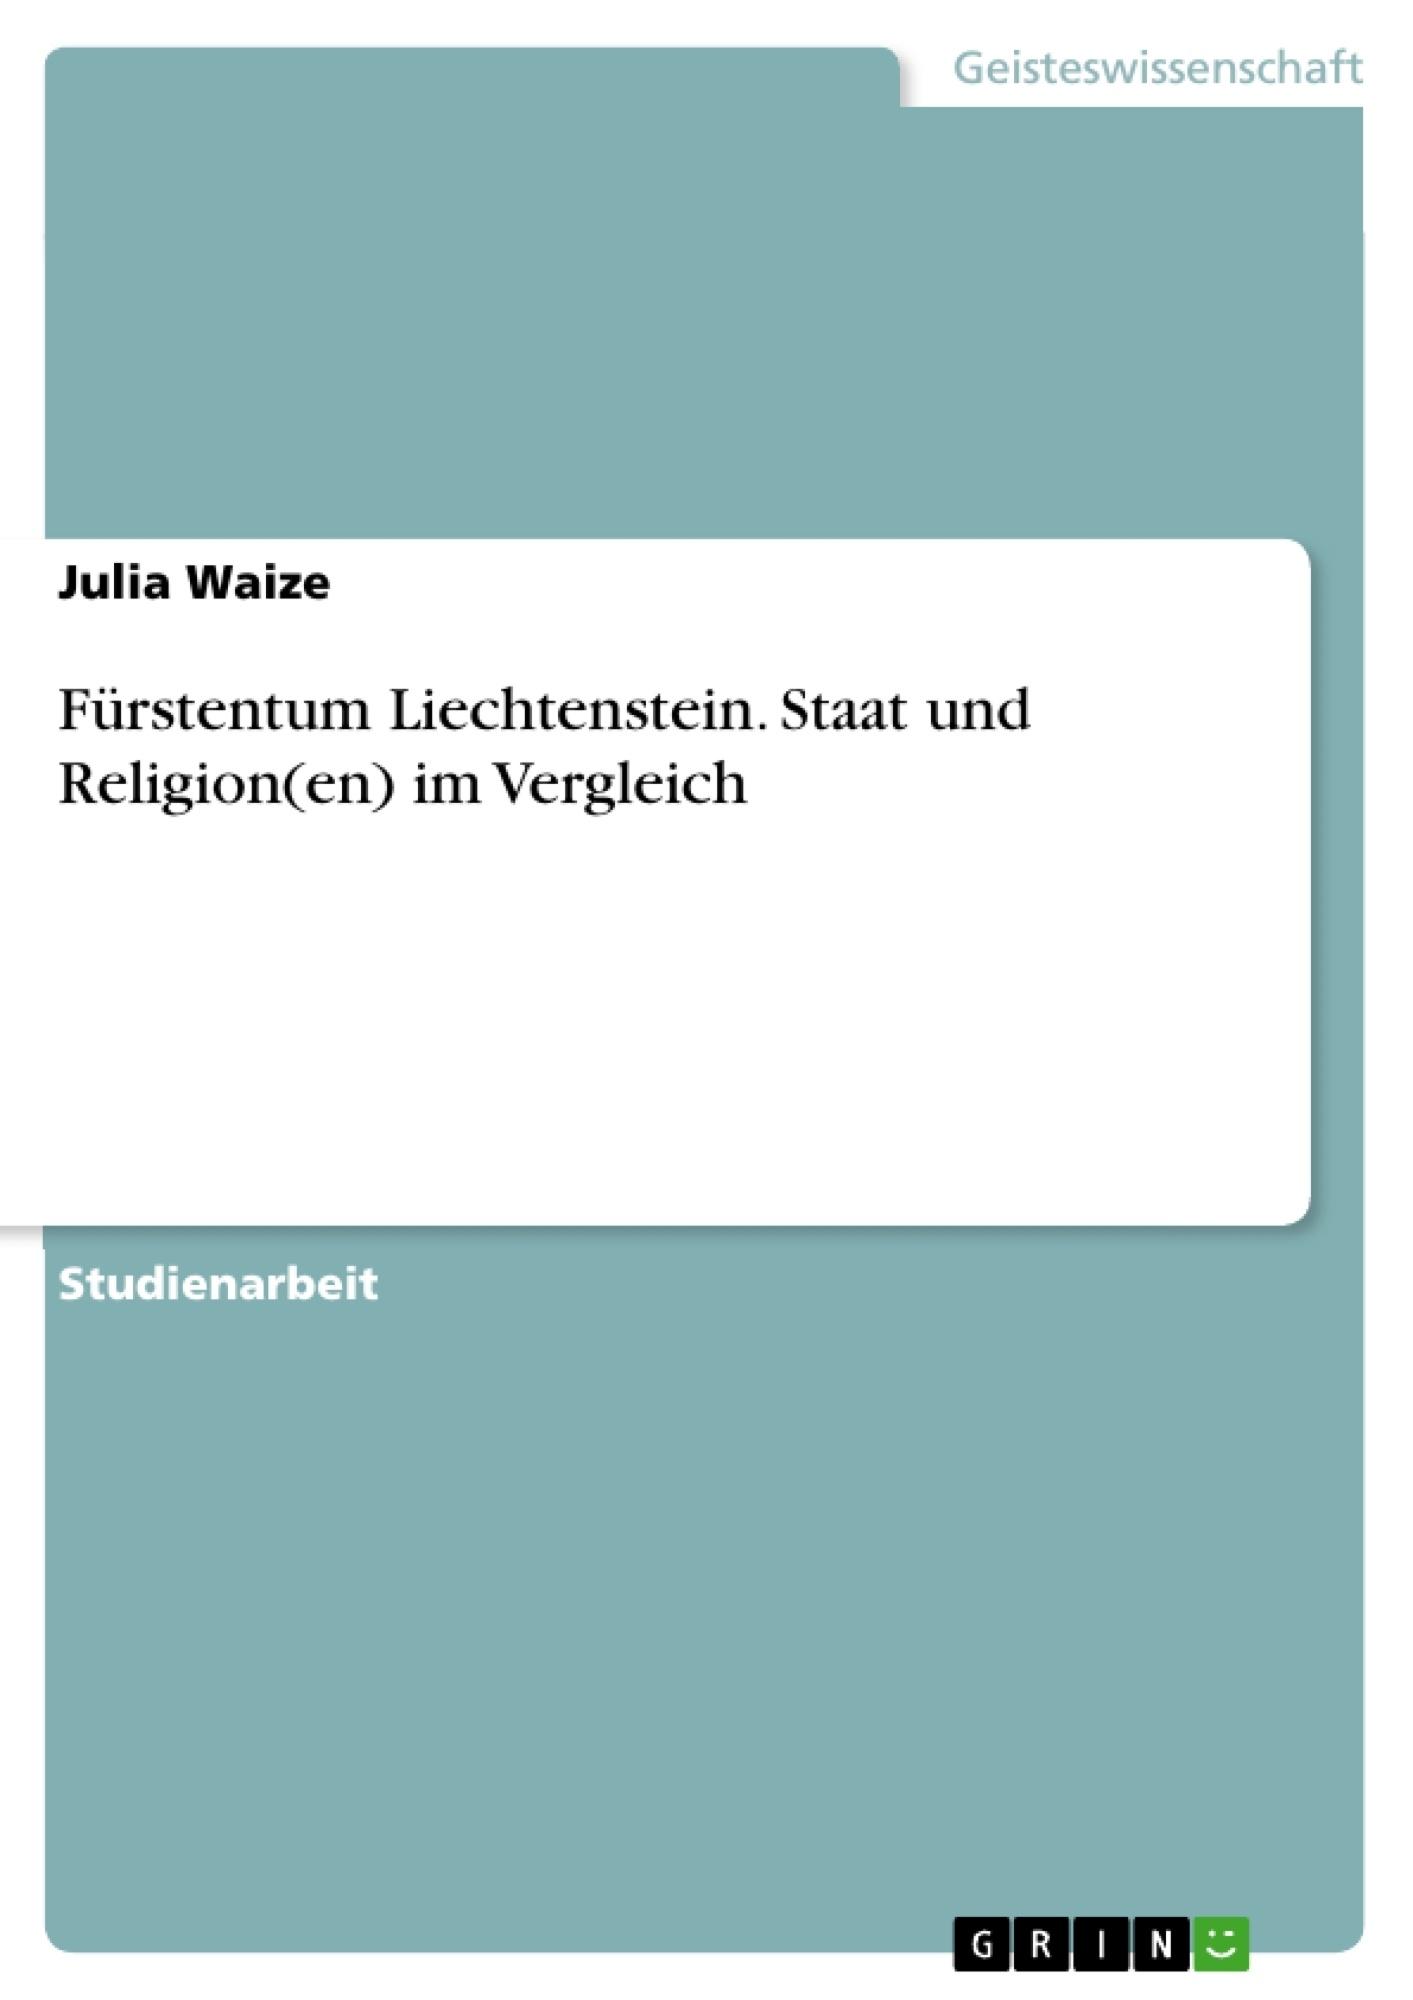 Titel: Fürstentum Liechtenstein. Staat und Religion(en) im Vergleich